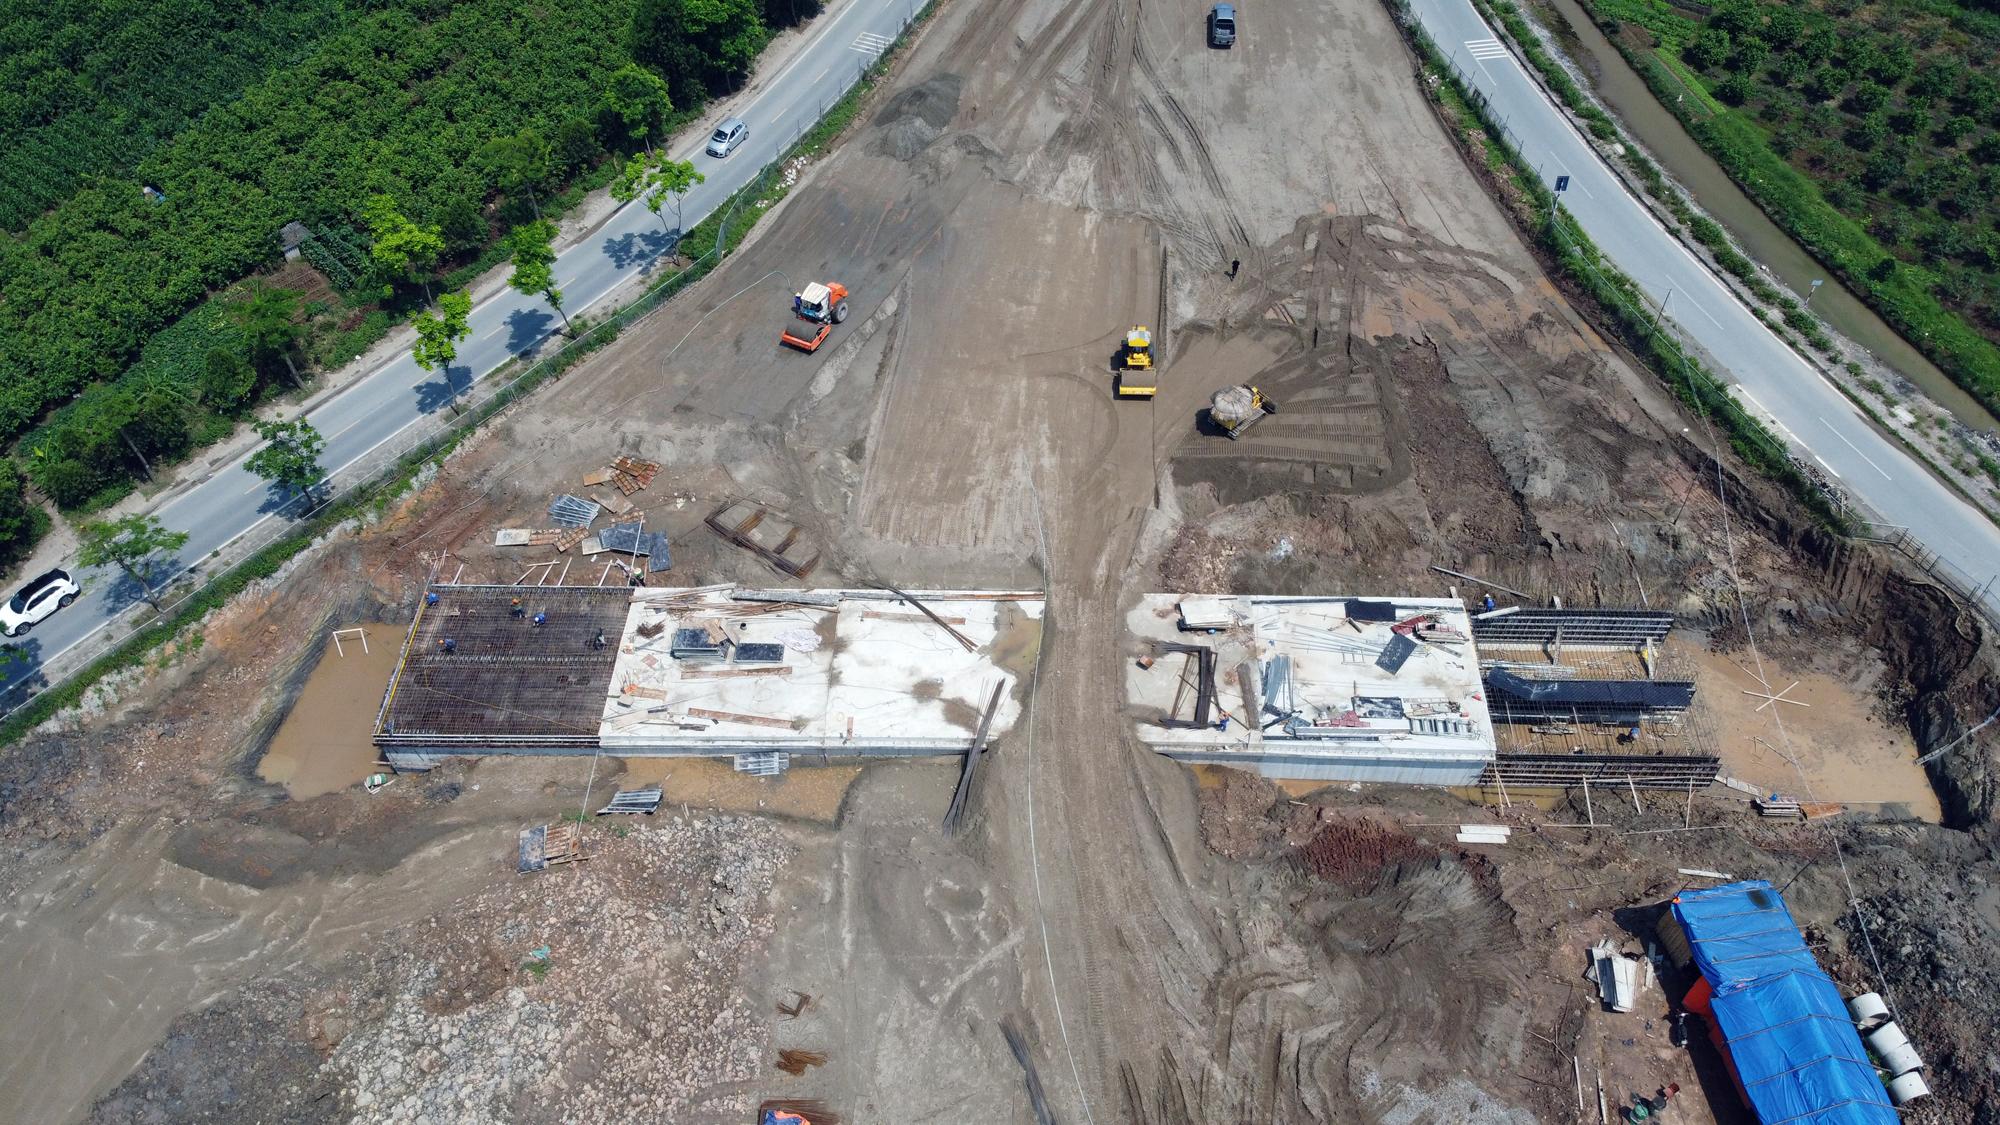 Toàn cảnh dự án xây dựng nút giao Vành đai 3 với cao tốc Hà Nội - Hải Phòng - Ảnh 3.